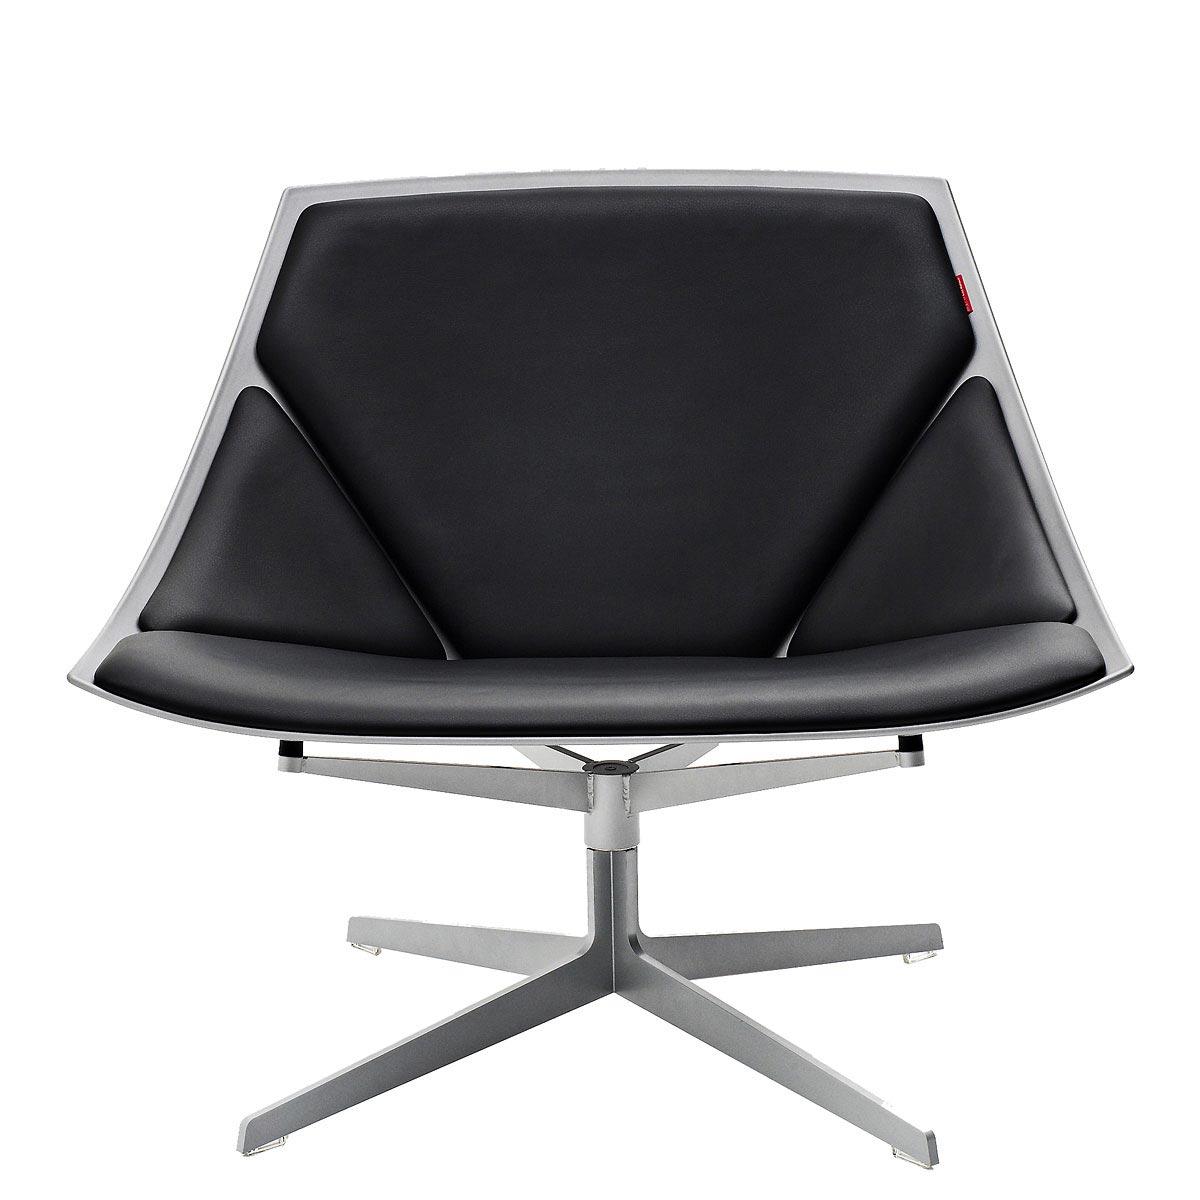 loungesessel space von fritz hansen. Black Bedroom Furniture Sets. Home Design Ideas